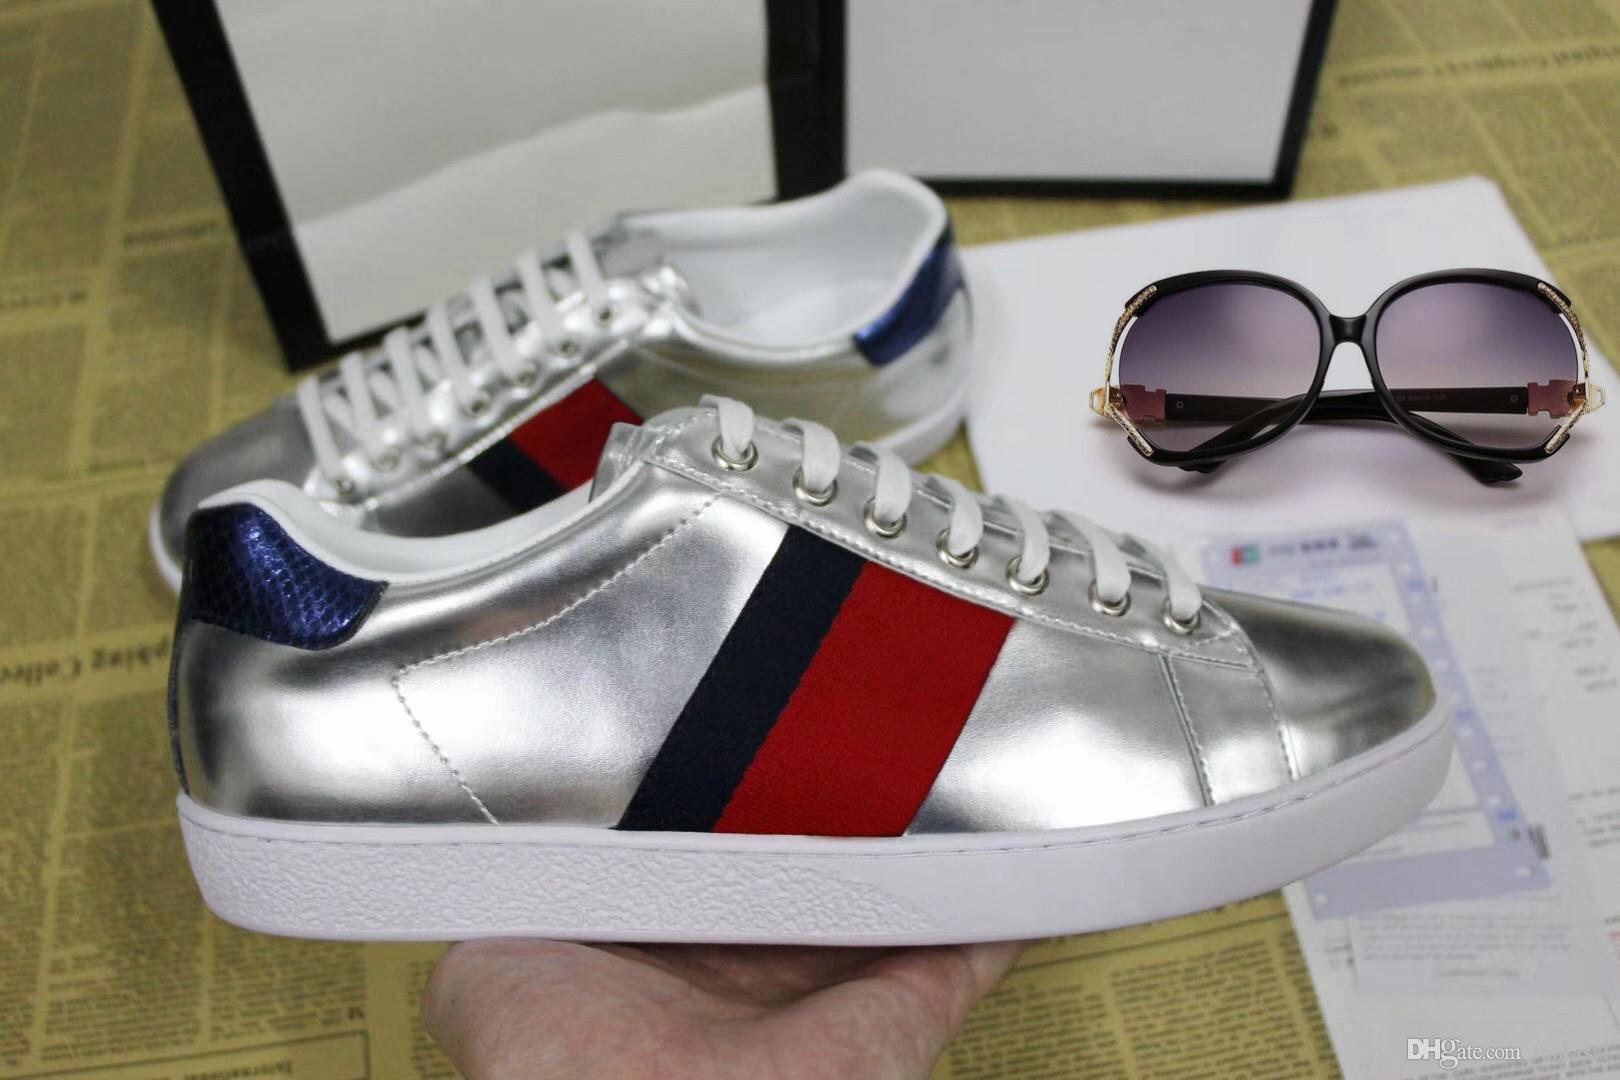 Дизайнерская обувь ACE роскошные вышитые бренды White Tiger Bee Snake Shoes натуральная кожа дизайнерские кроссовки мужские женские повседневные туфли 35-48